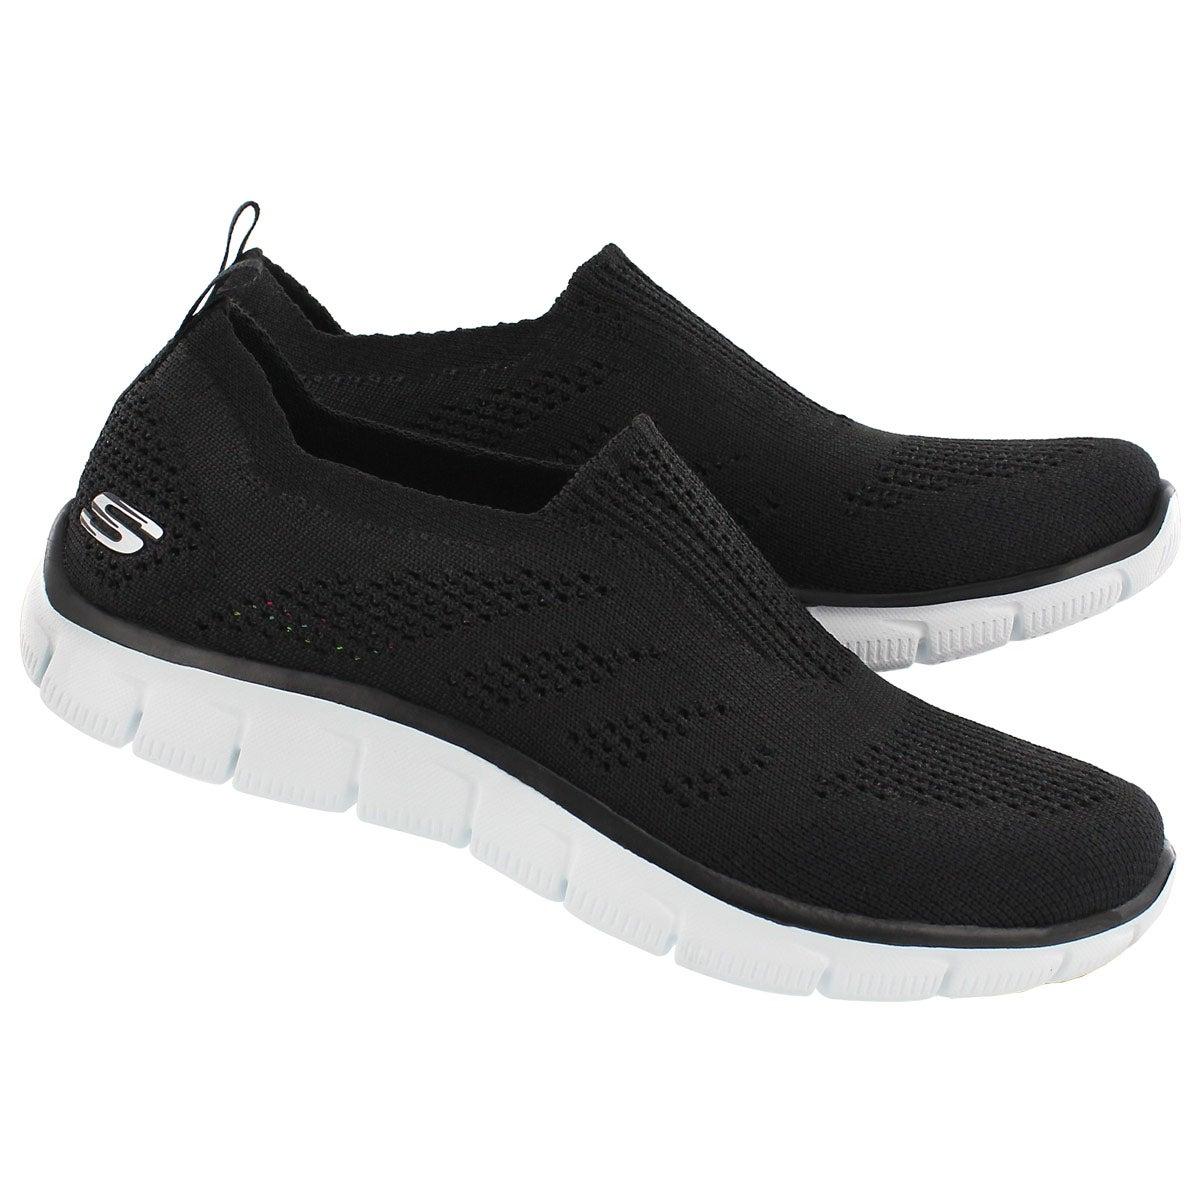 Lds Empire InsideLook bk/wt slip on shoe